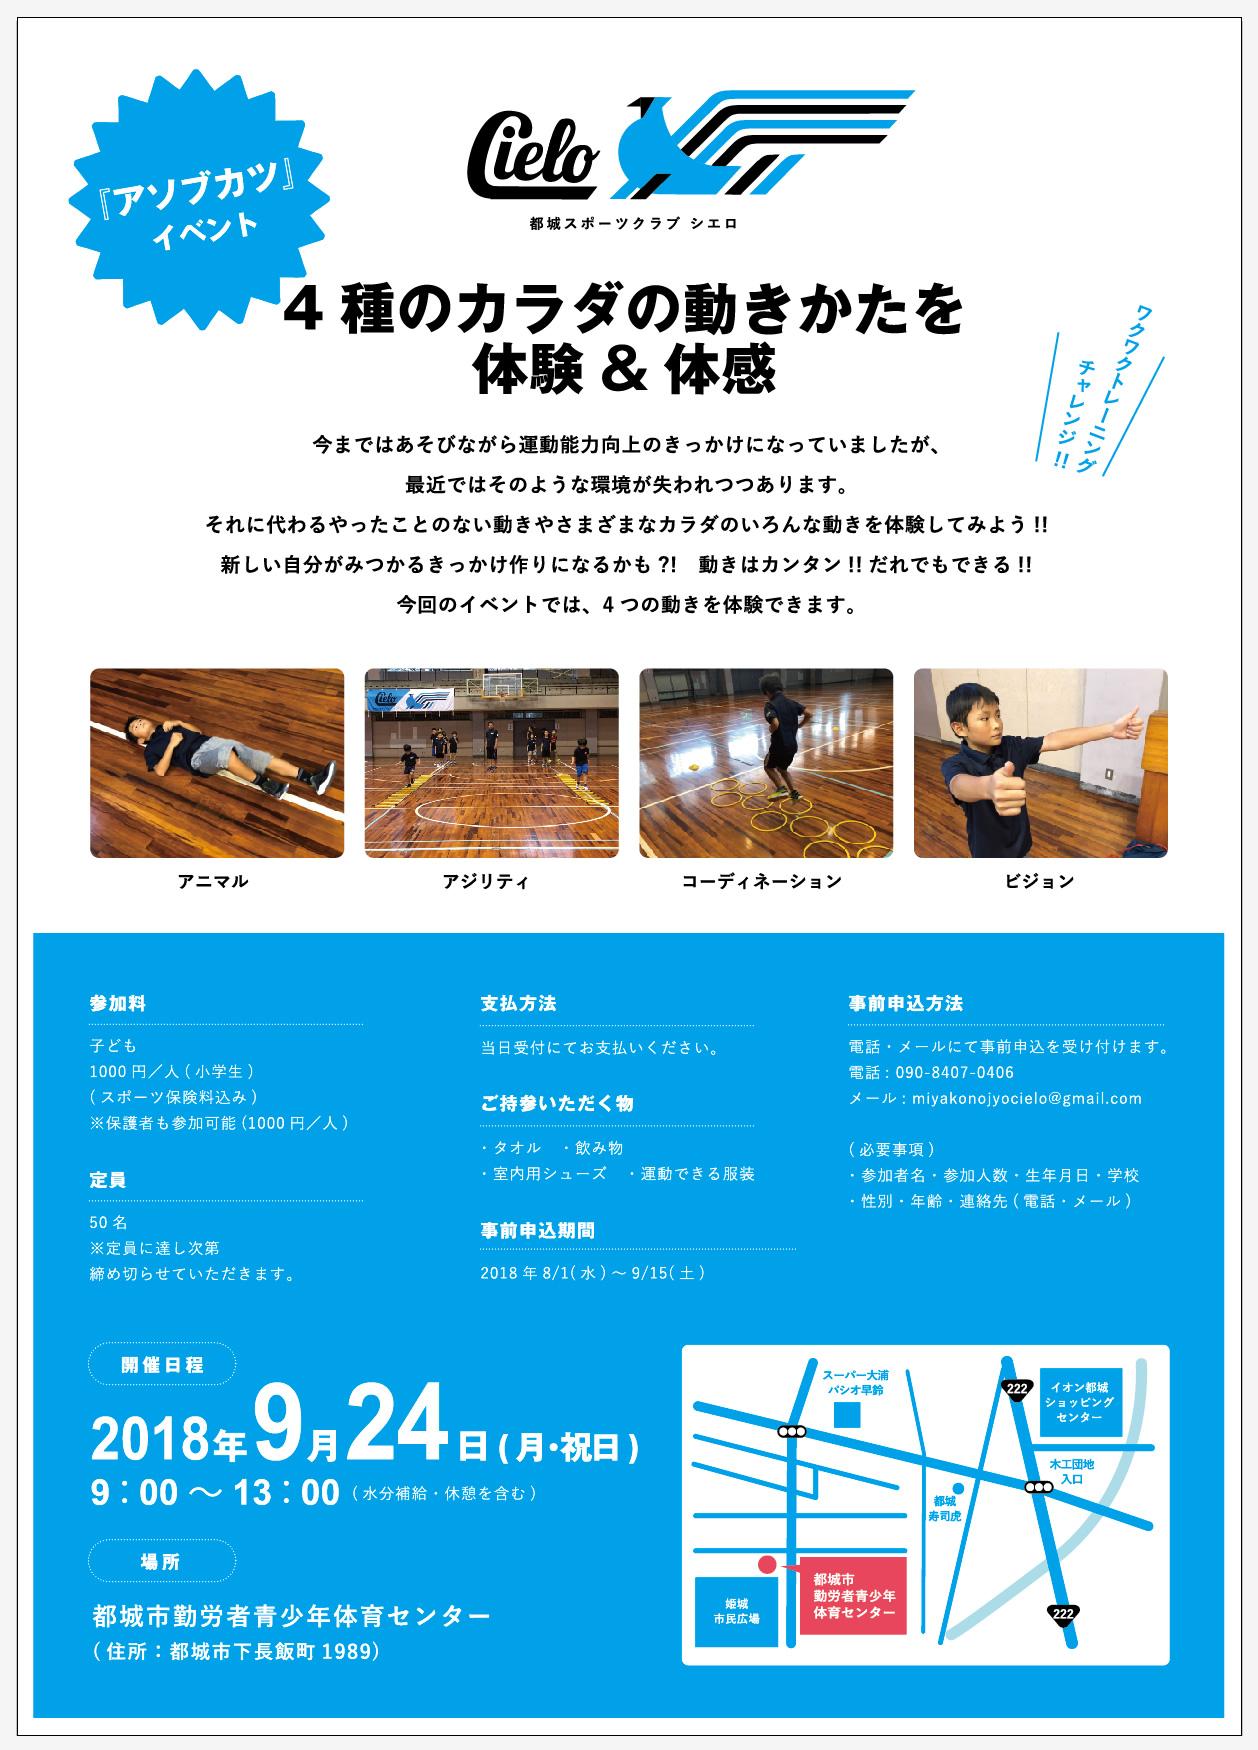 9月24日『アソブカツ』イベント開催‼